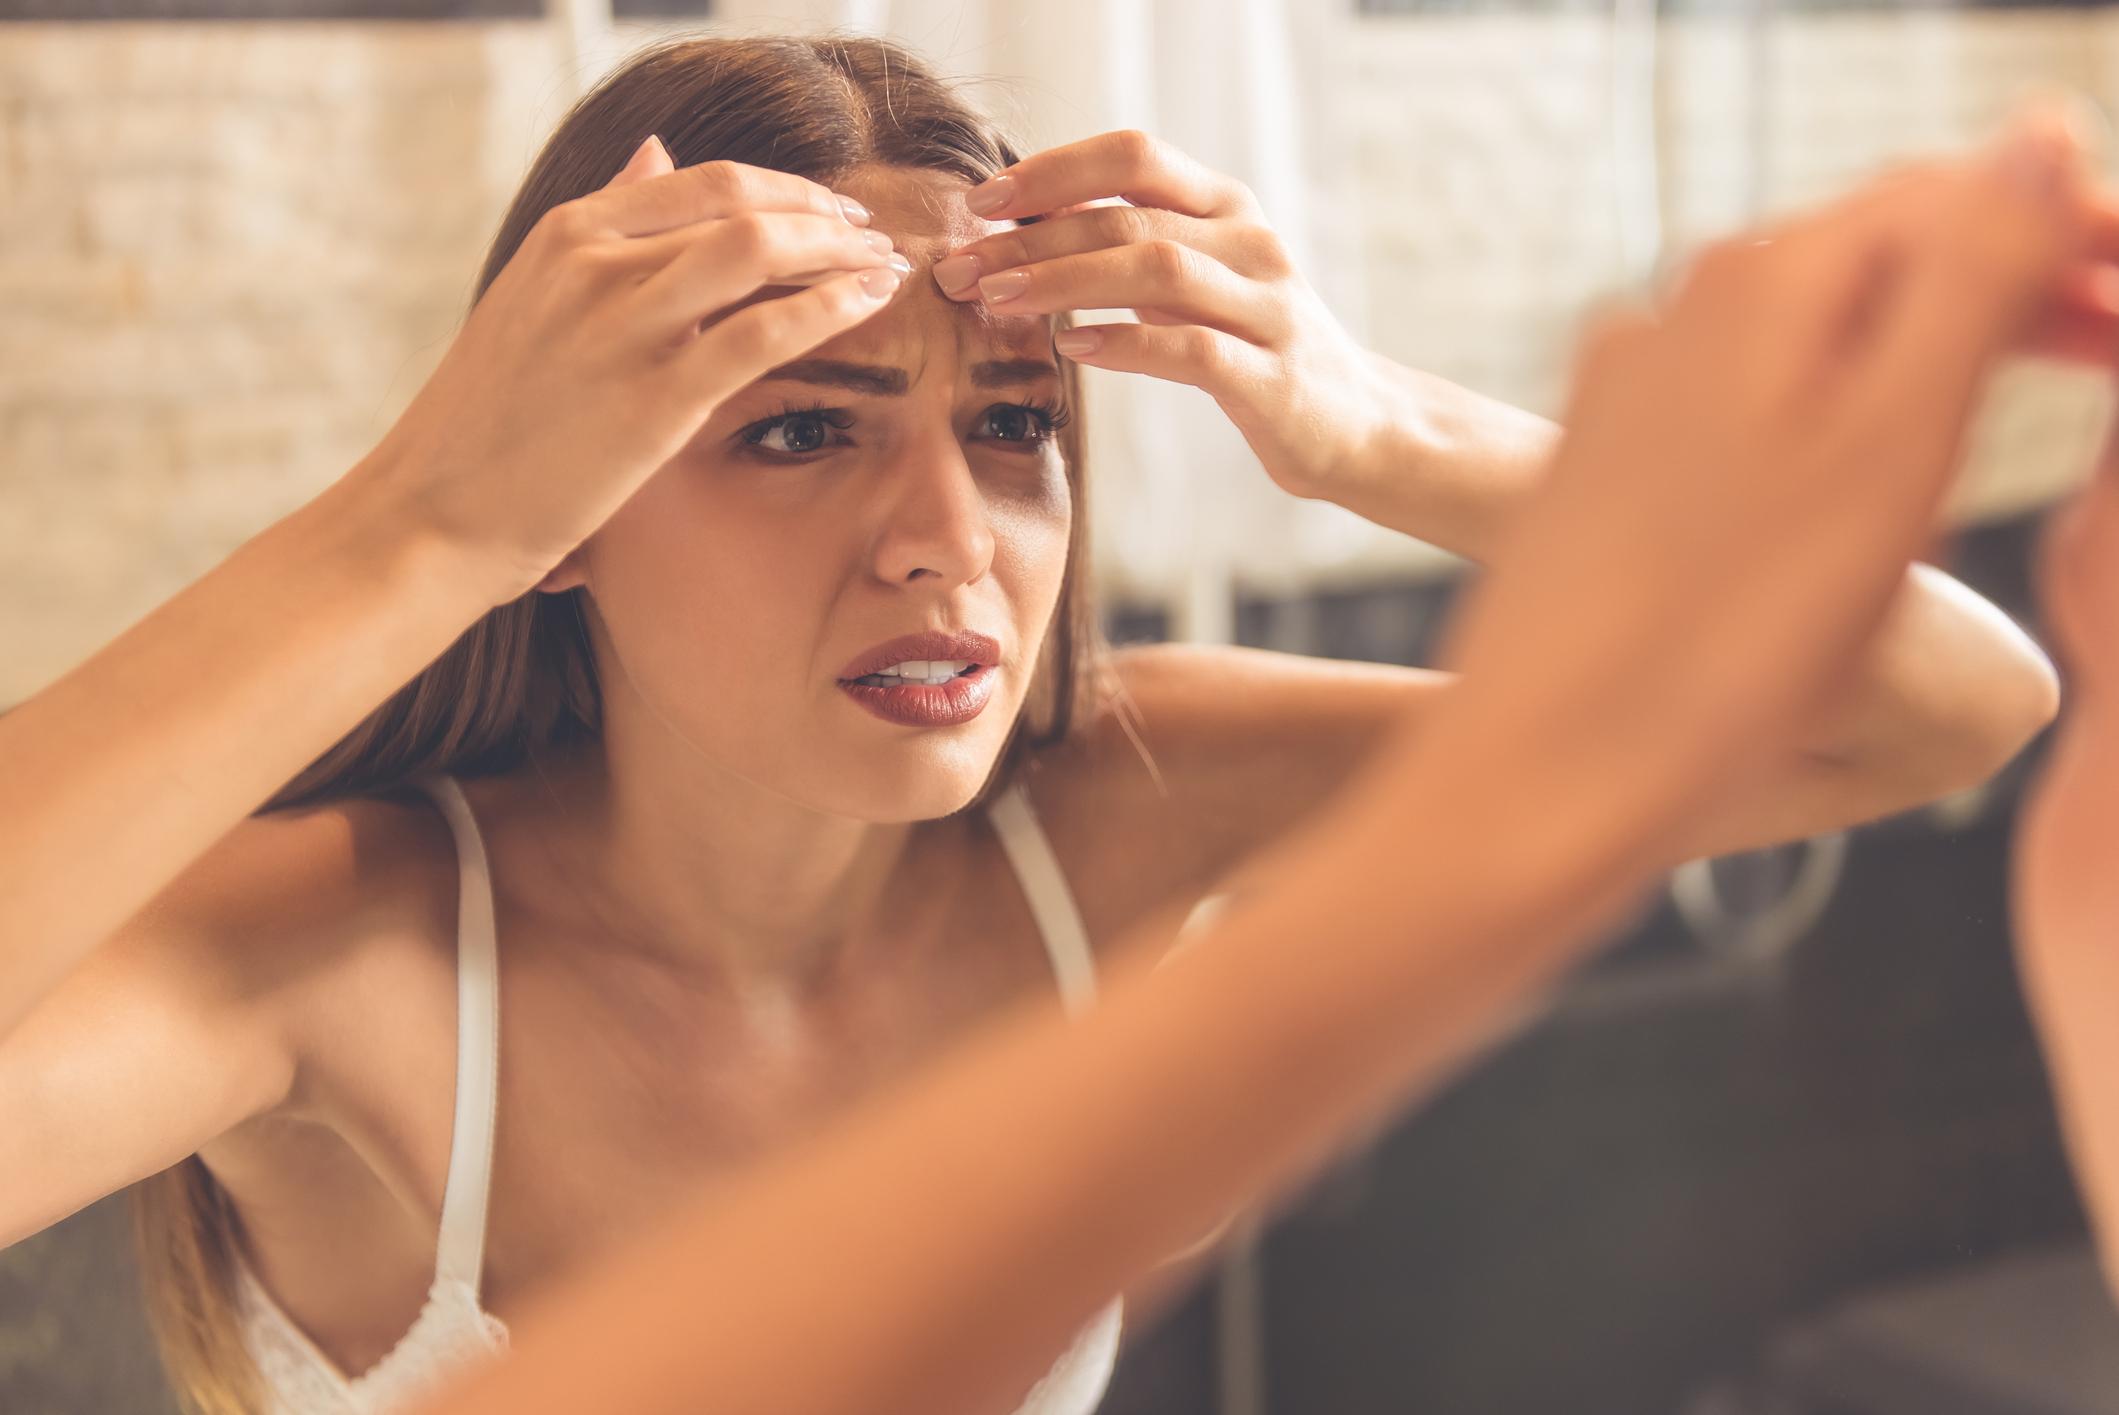 Mulher estressada olhando a pele do rosto no espelho